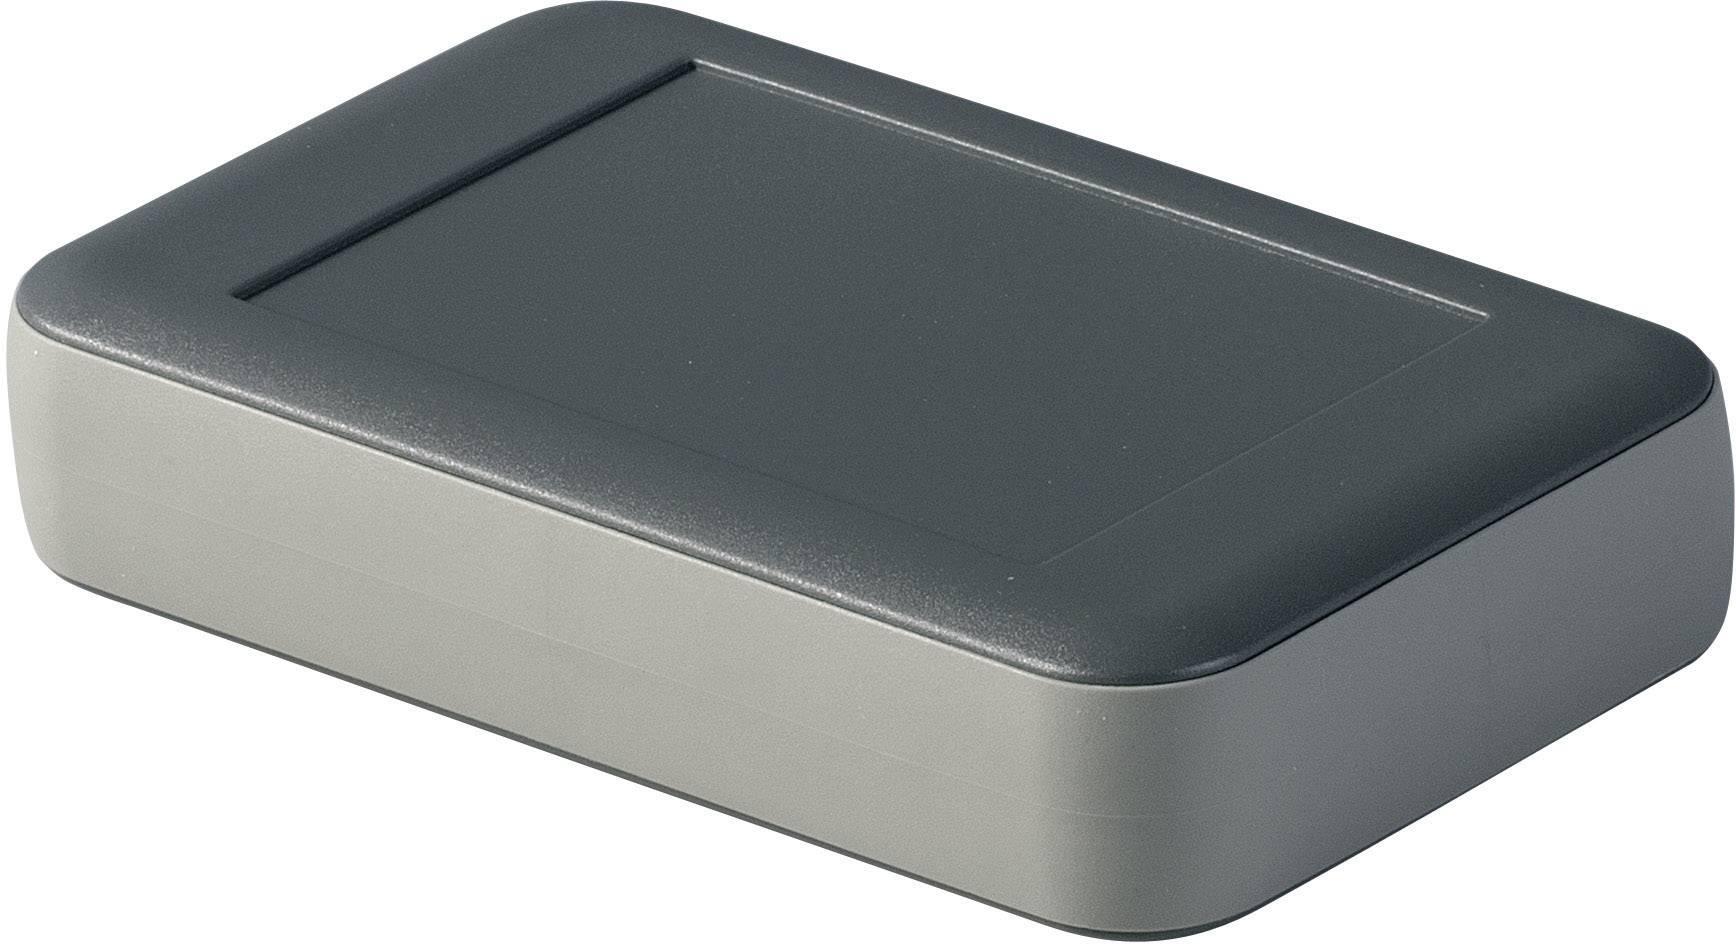 Puzdro na stenu, puzdro na stôl OKW SOFT-CASE D9053238, 92 x 150 x 33 mm, ABS, lávová, vulkán, 1 ks